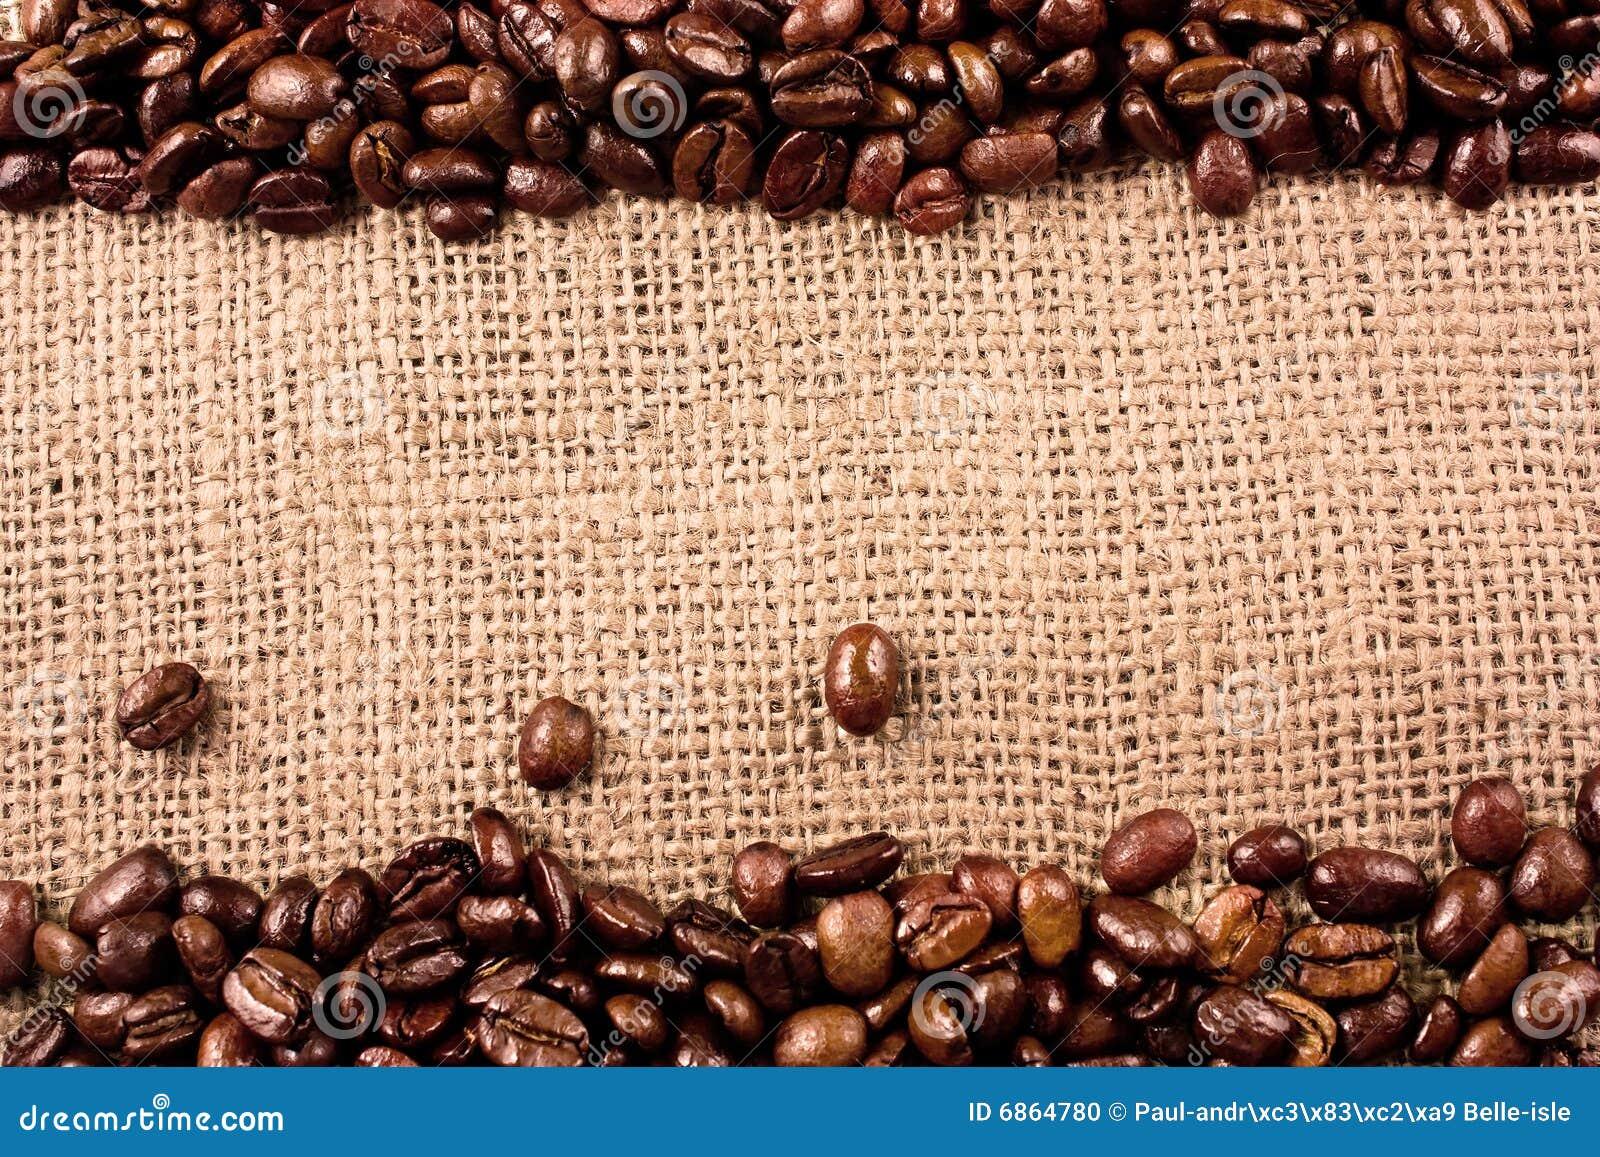 Grains de café sur un fond de jute